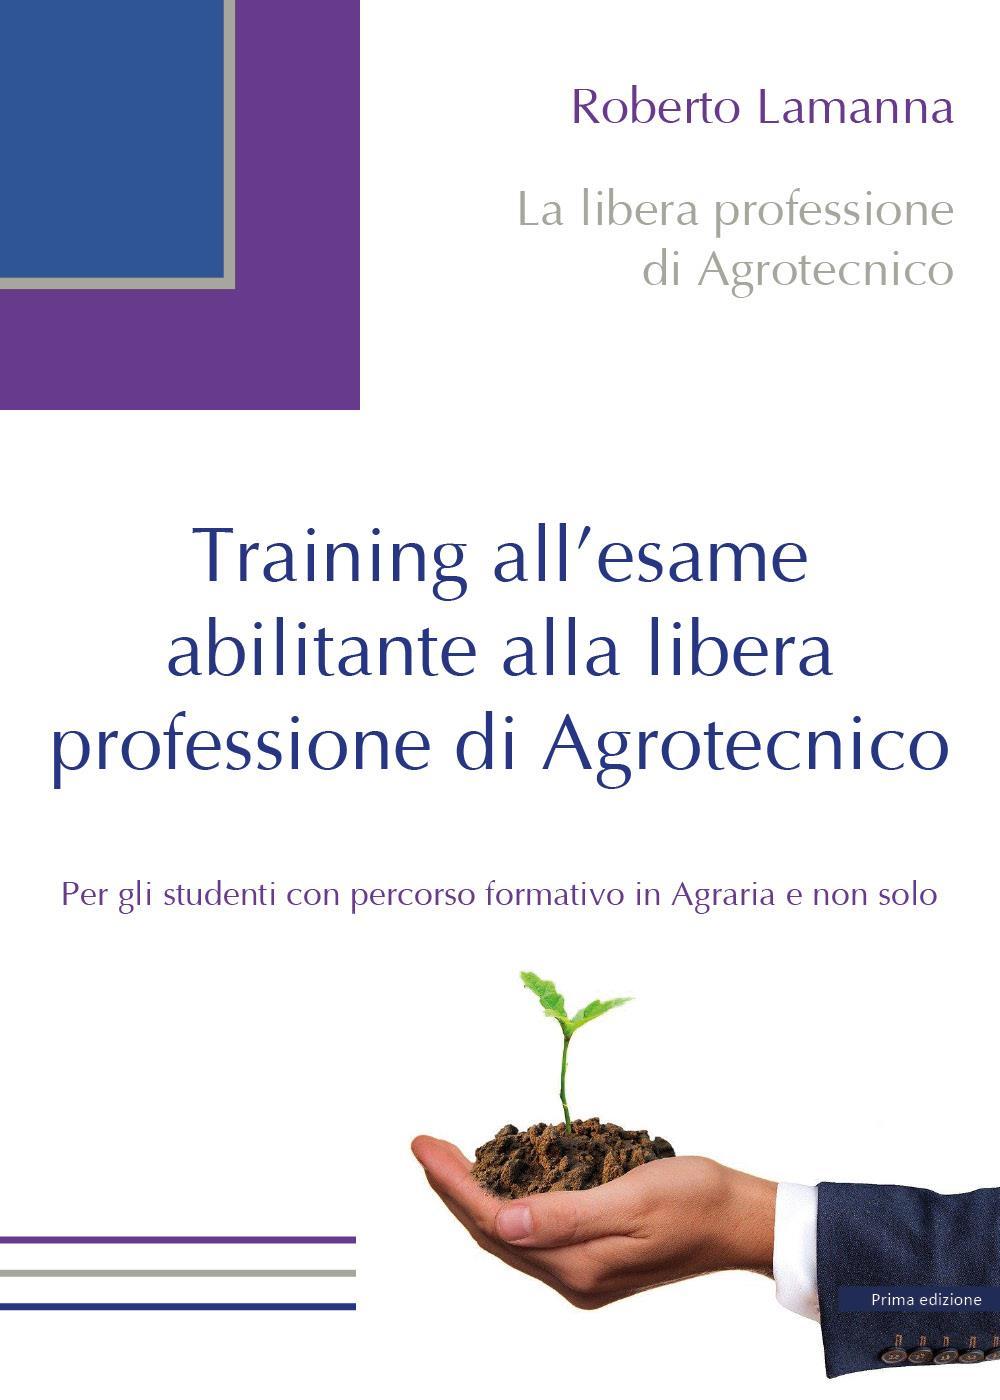 Training all'esame abilitante alla libera professione di Agrotecnico.